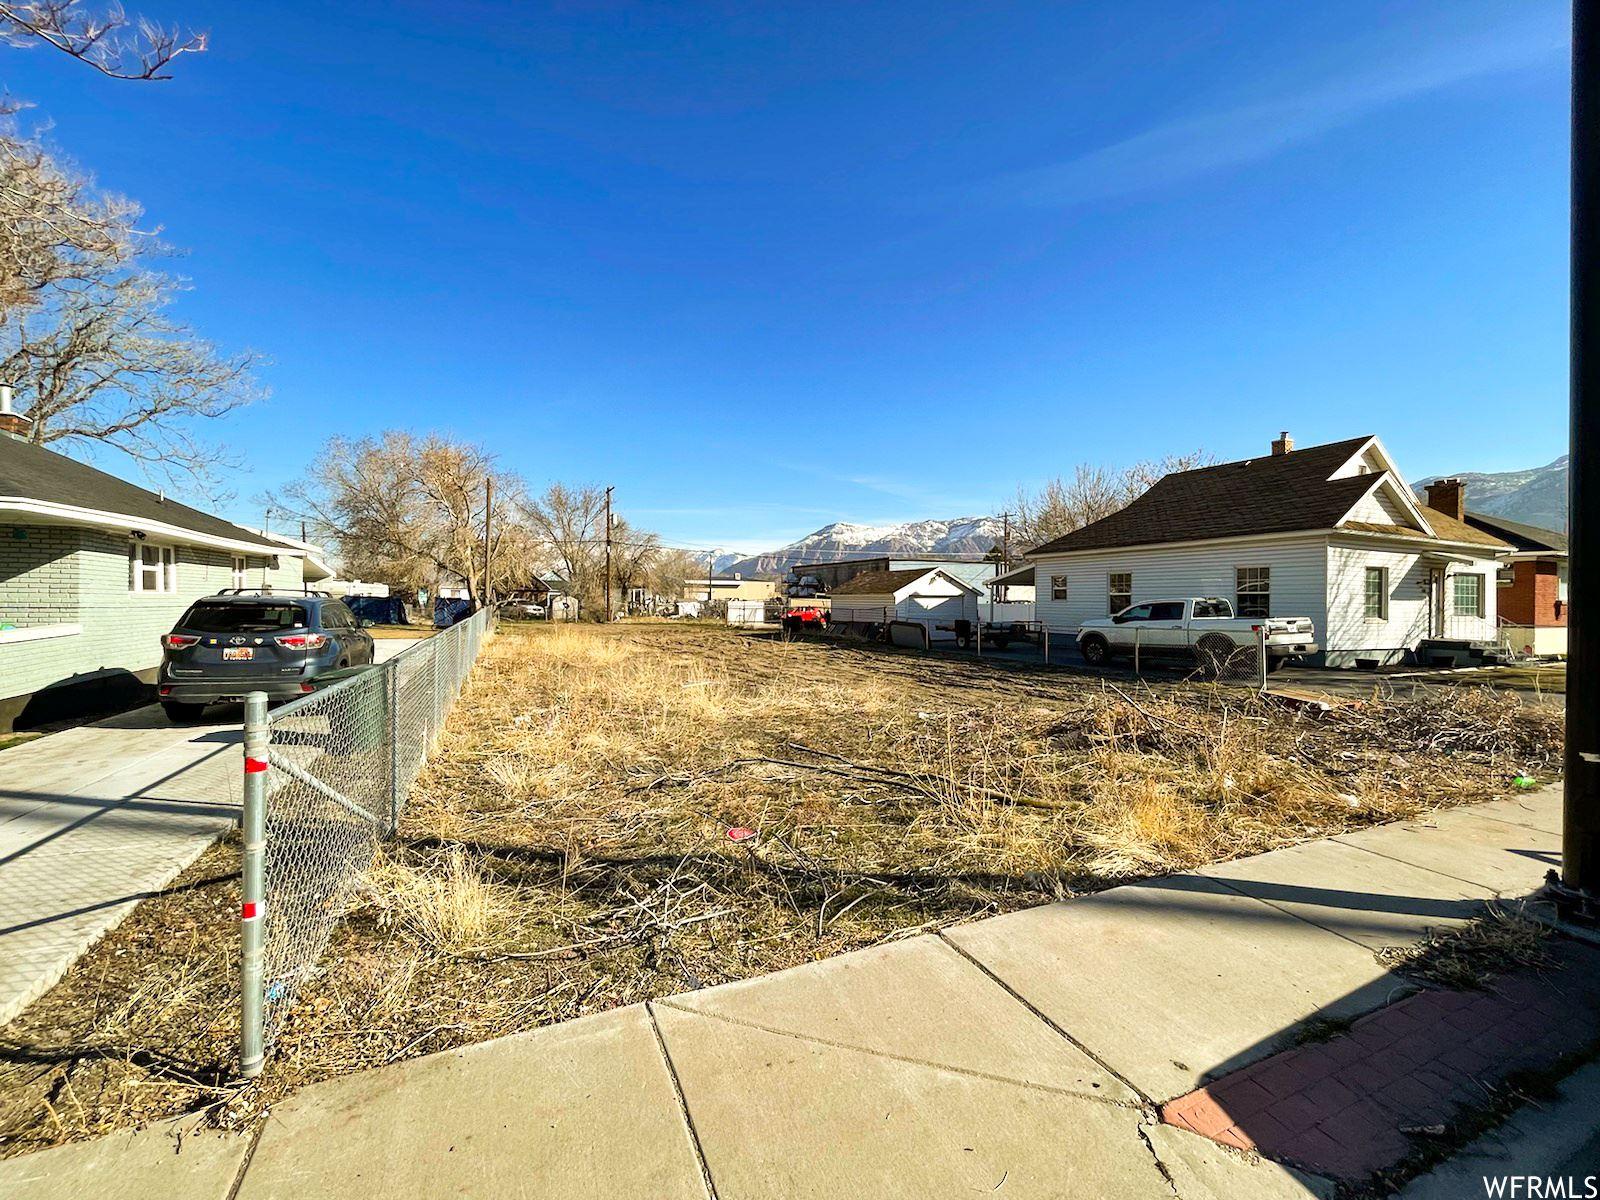 Photo of 258 W 31ST S ST, Ogden, UT 84401 (MLS # 1727817)